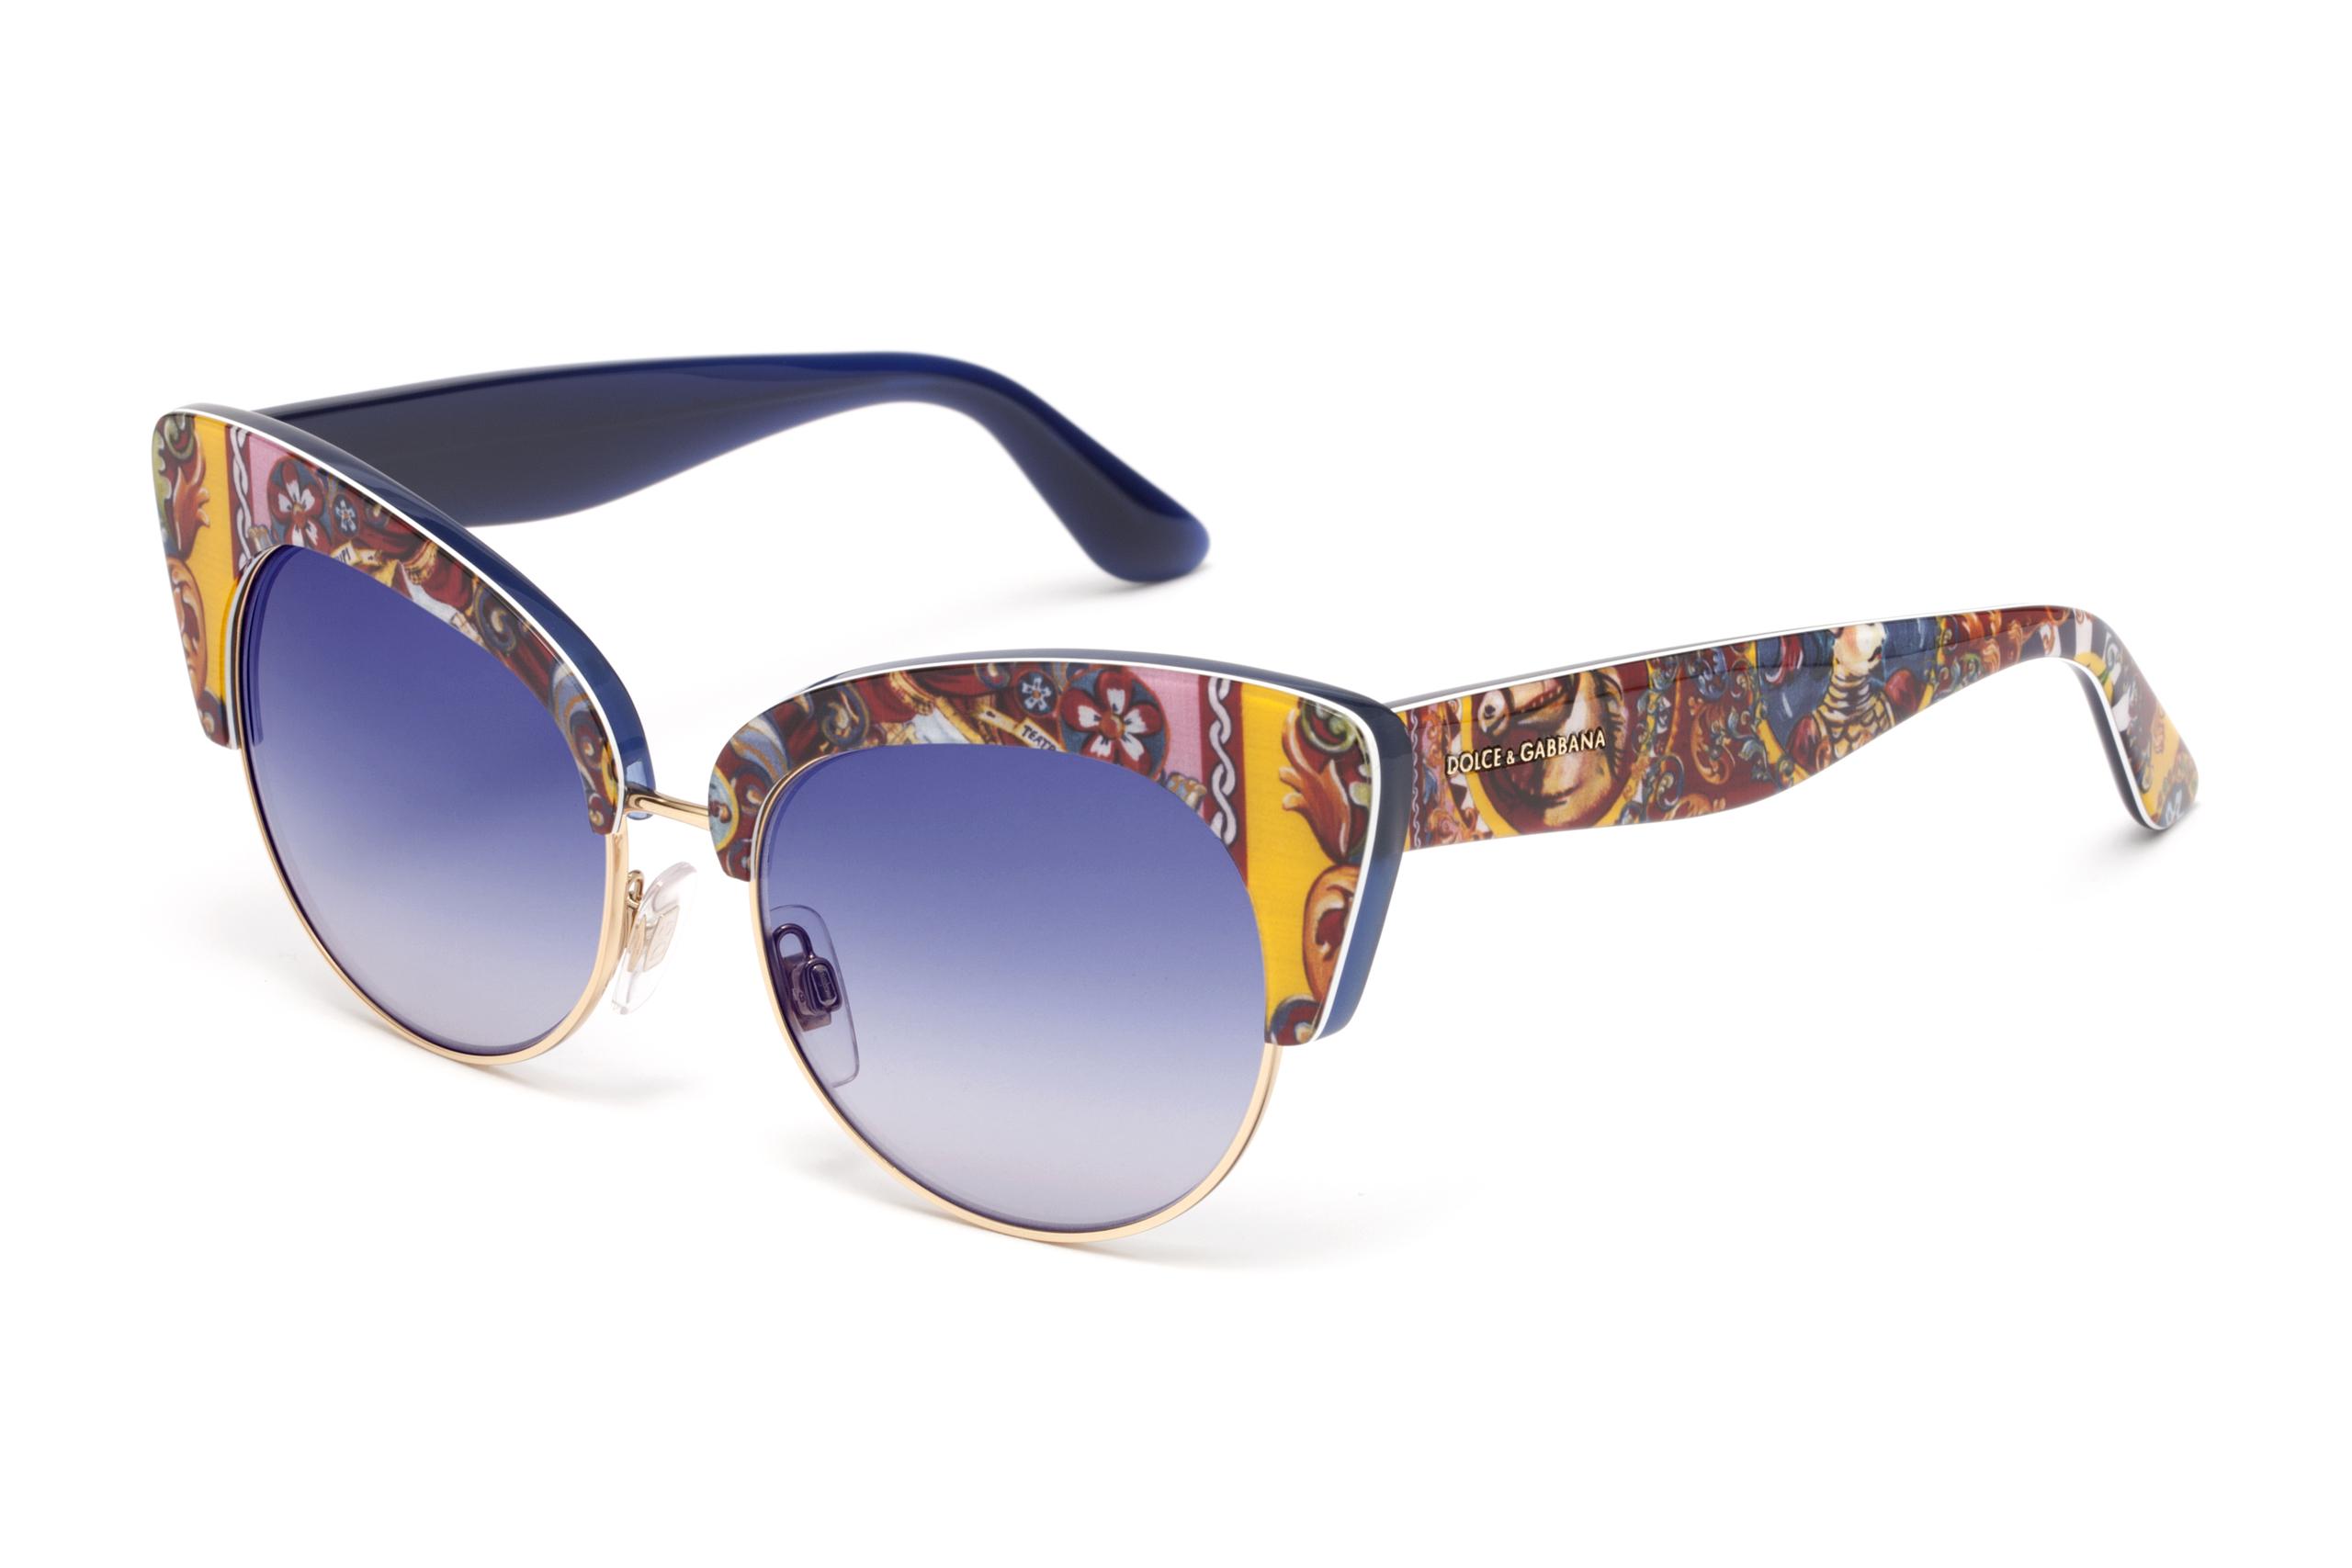 Gafas de sol Dolce Gabbana Sicilian Carretto